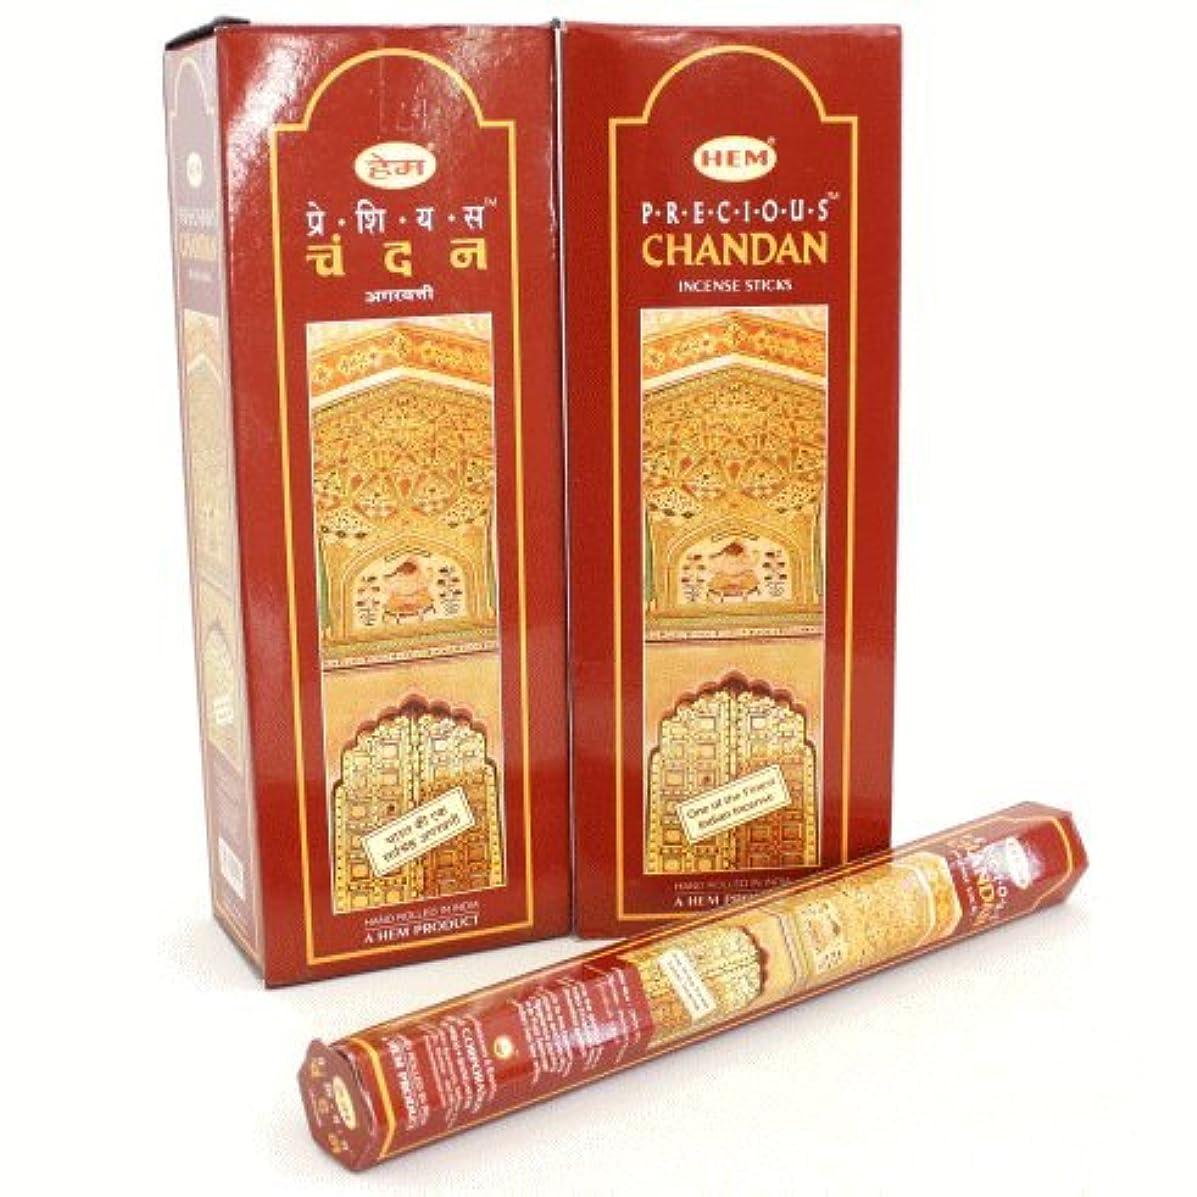 バランスのとれたリル織るHEM チャンダン香 スティック ヘキサパック(六角) 12箱セット HEM CHANDAN